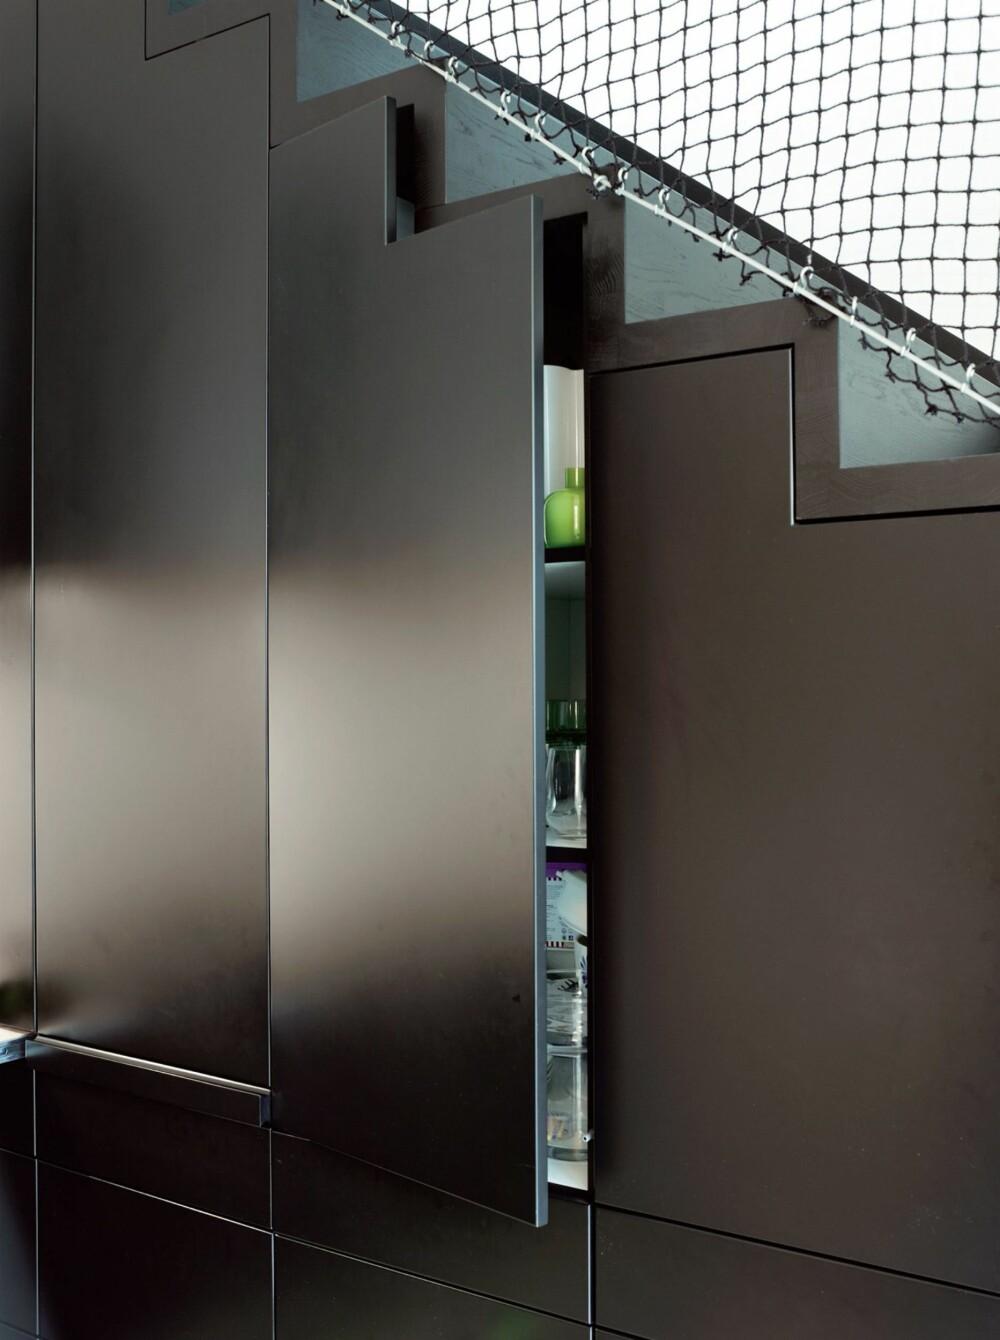 TILPASSET. Kjøkkenskapene er perfekt tilpasset trappetrinnene.